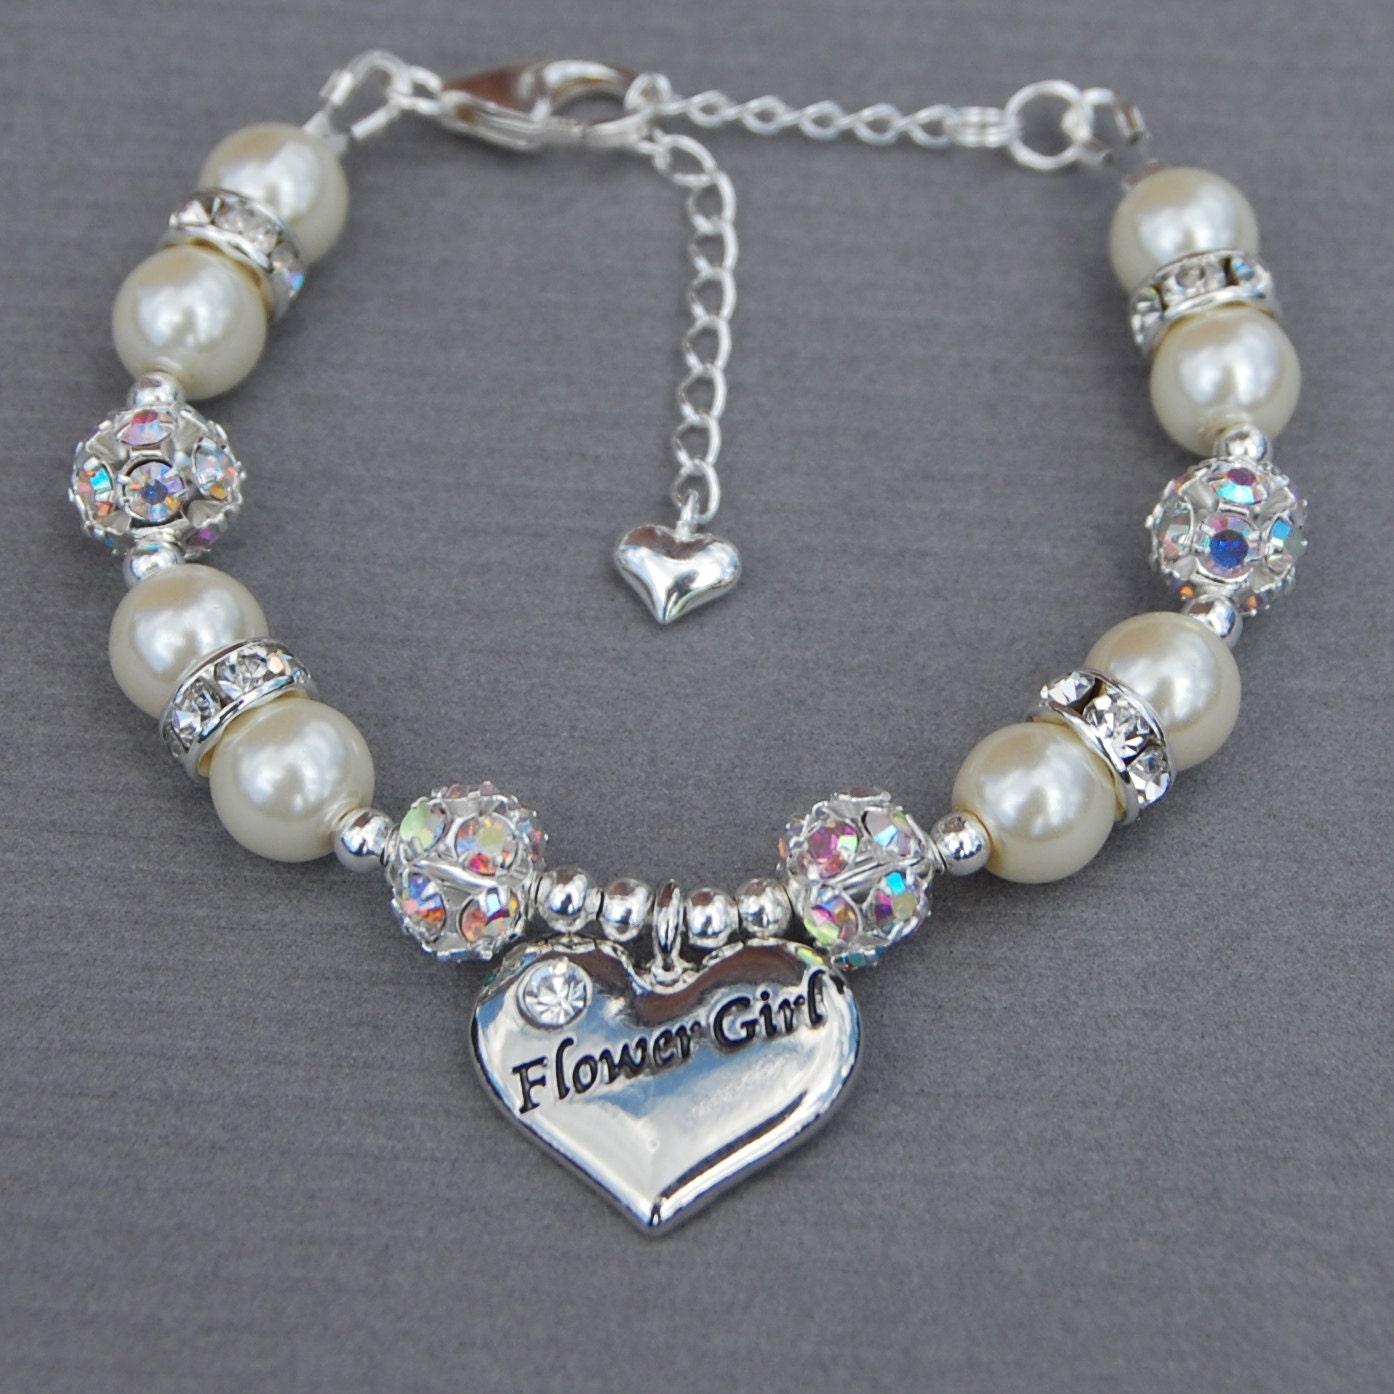 Wedding Charm Bracelet: Flower Girl Bracelet Girls Wedding Jewelry Gift For Flower